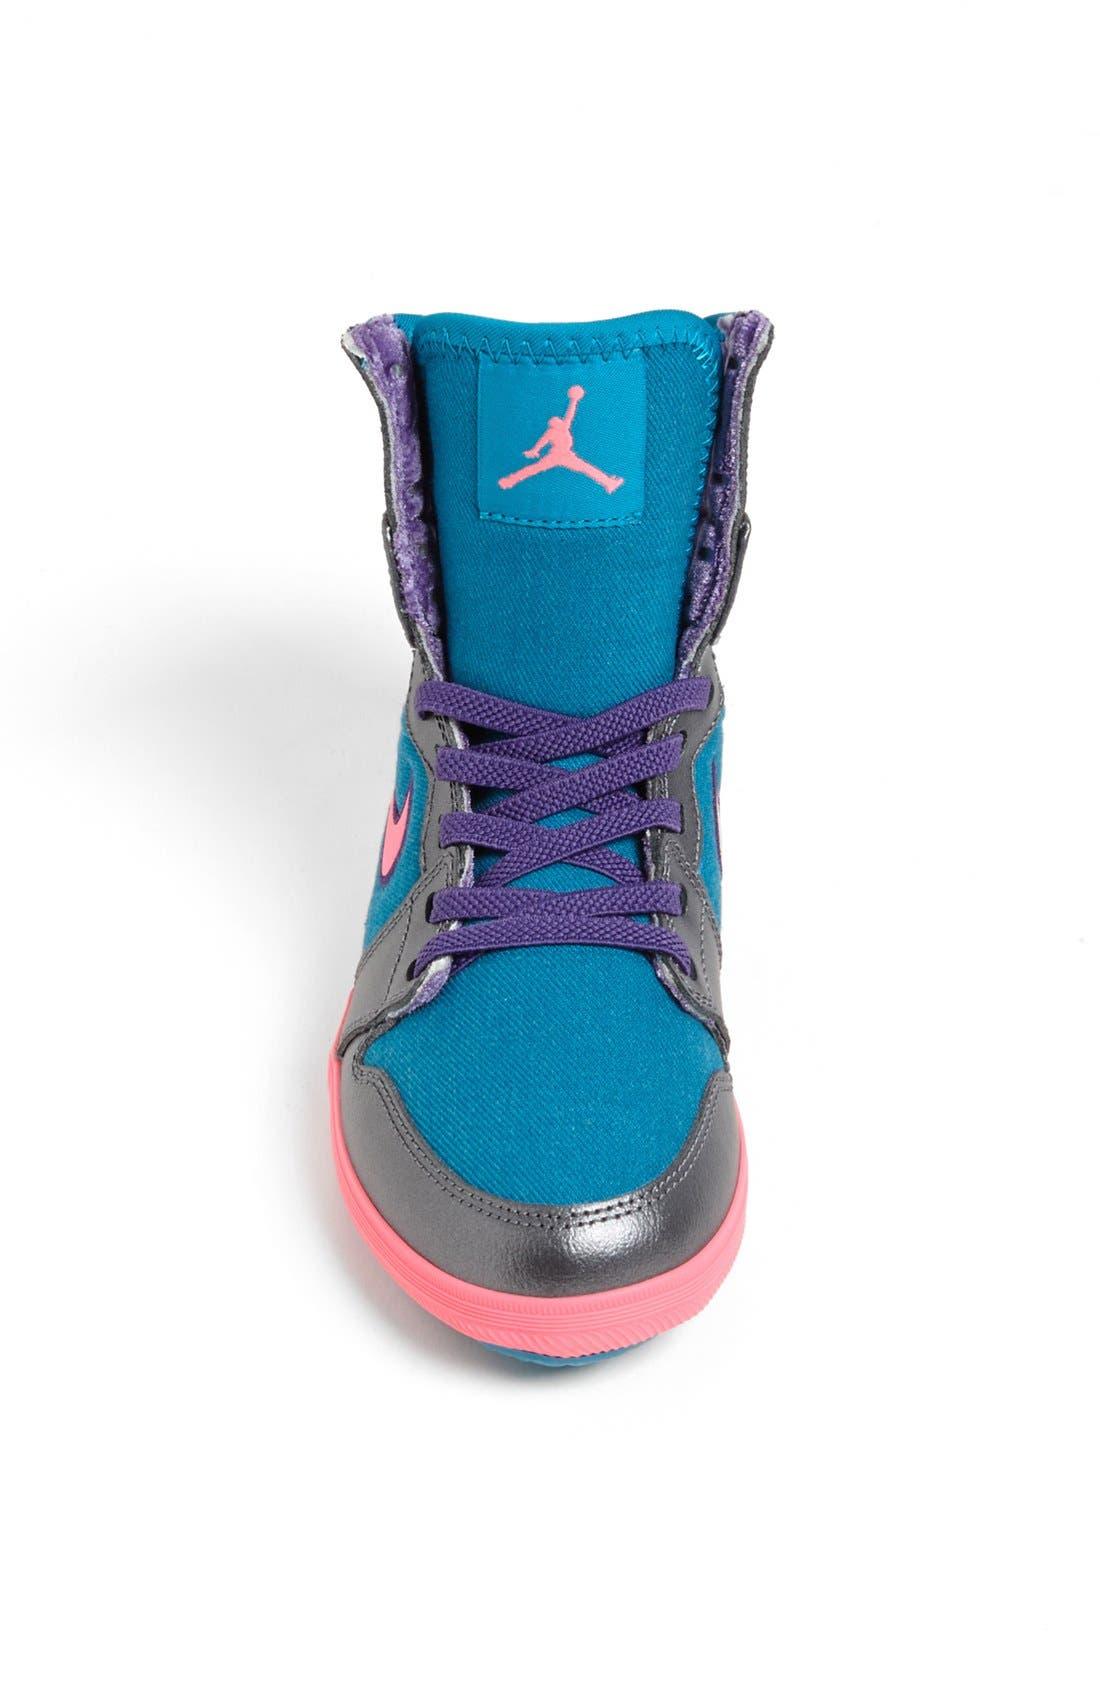 Alternate Image 3  - Nike 'Jordan 1 Skinny High' Sneaker (Toddler & Little Kid)